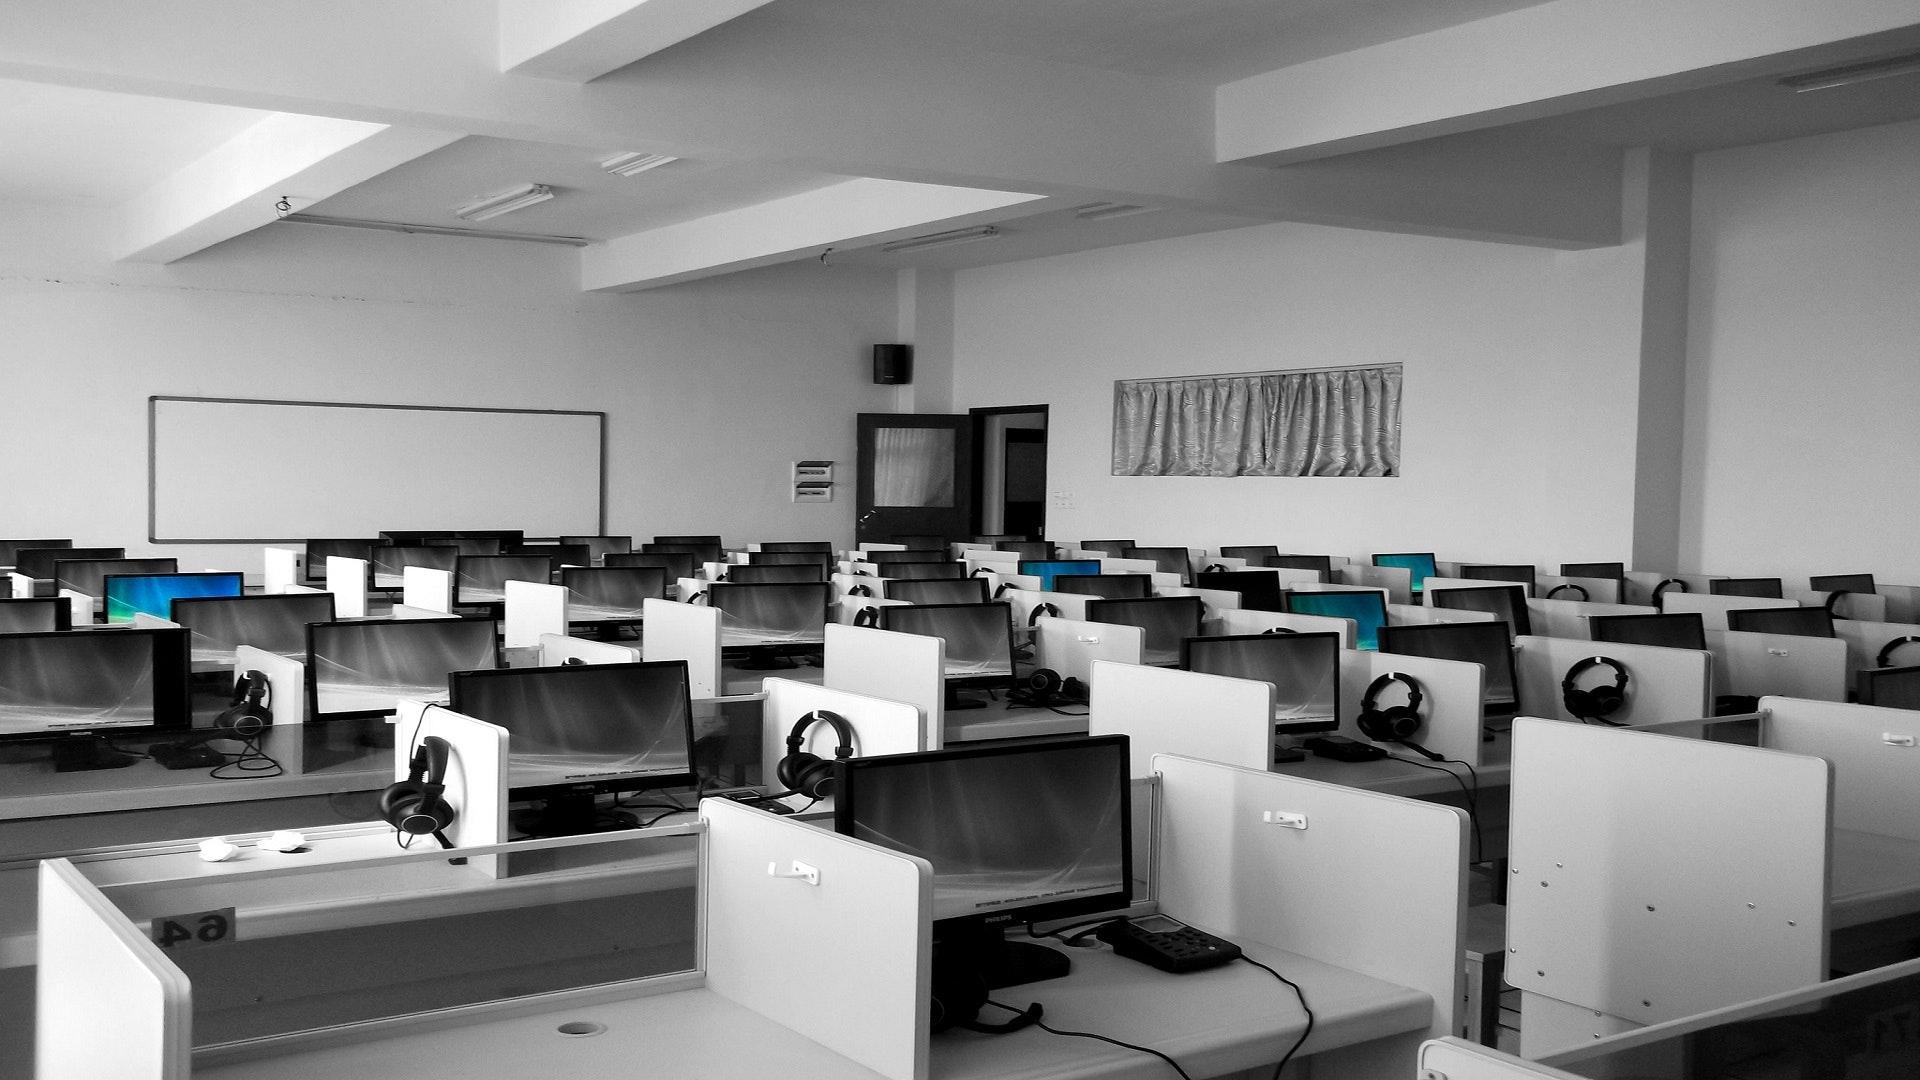 Singapurska siedziba Microsoftu ma cyfrowego bliźniaka